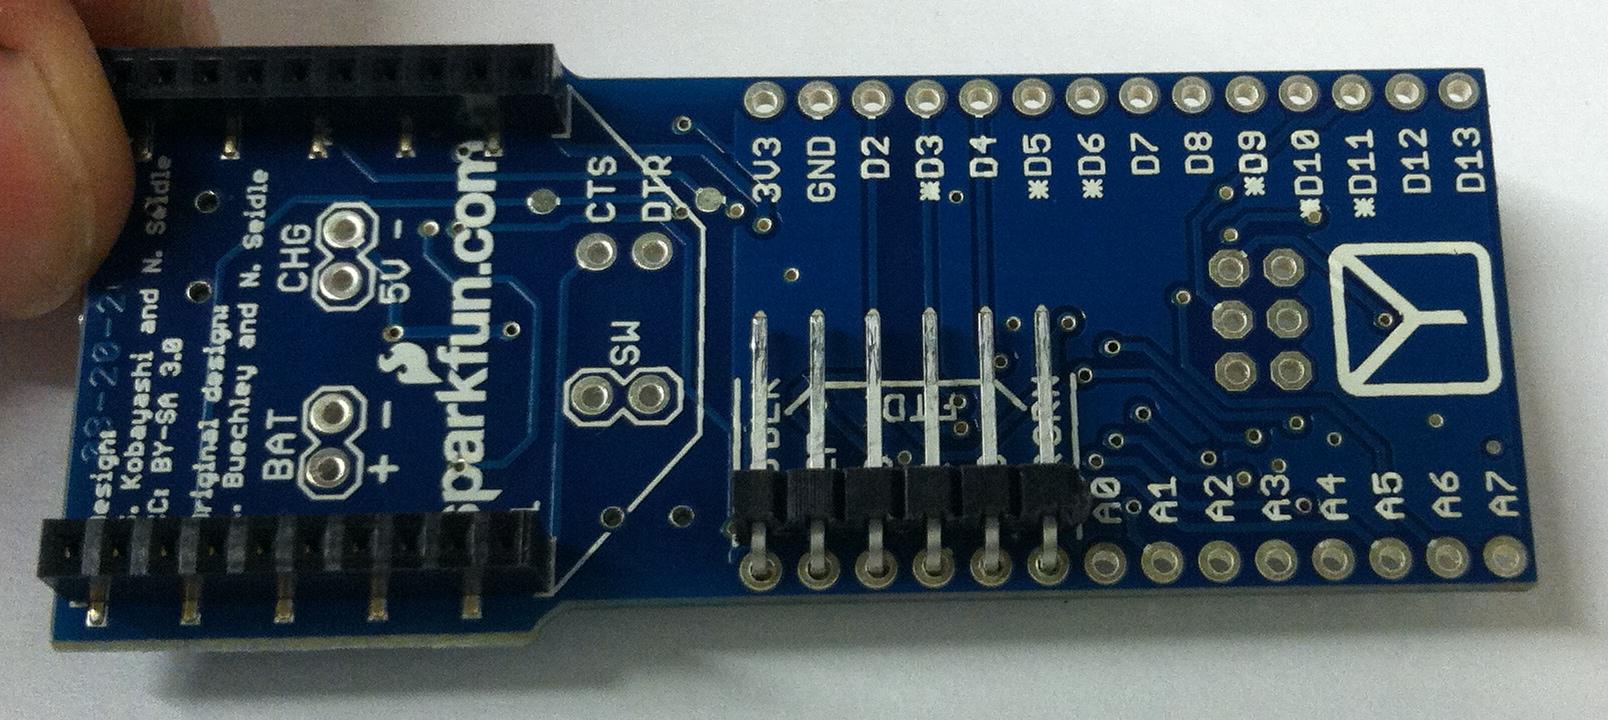 Arduino FIO Tutorial   DXARTS   University of Washington